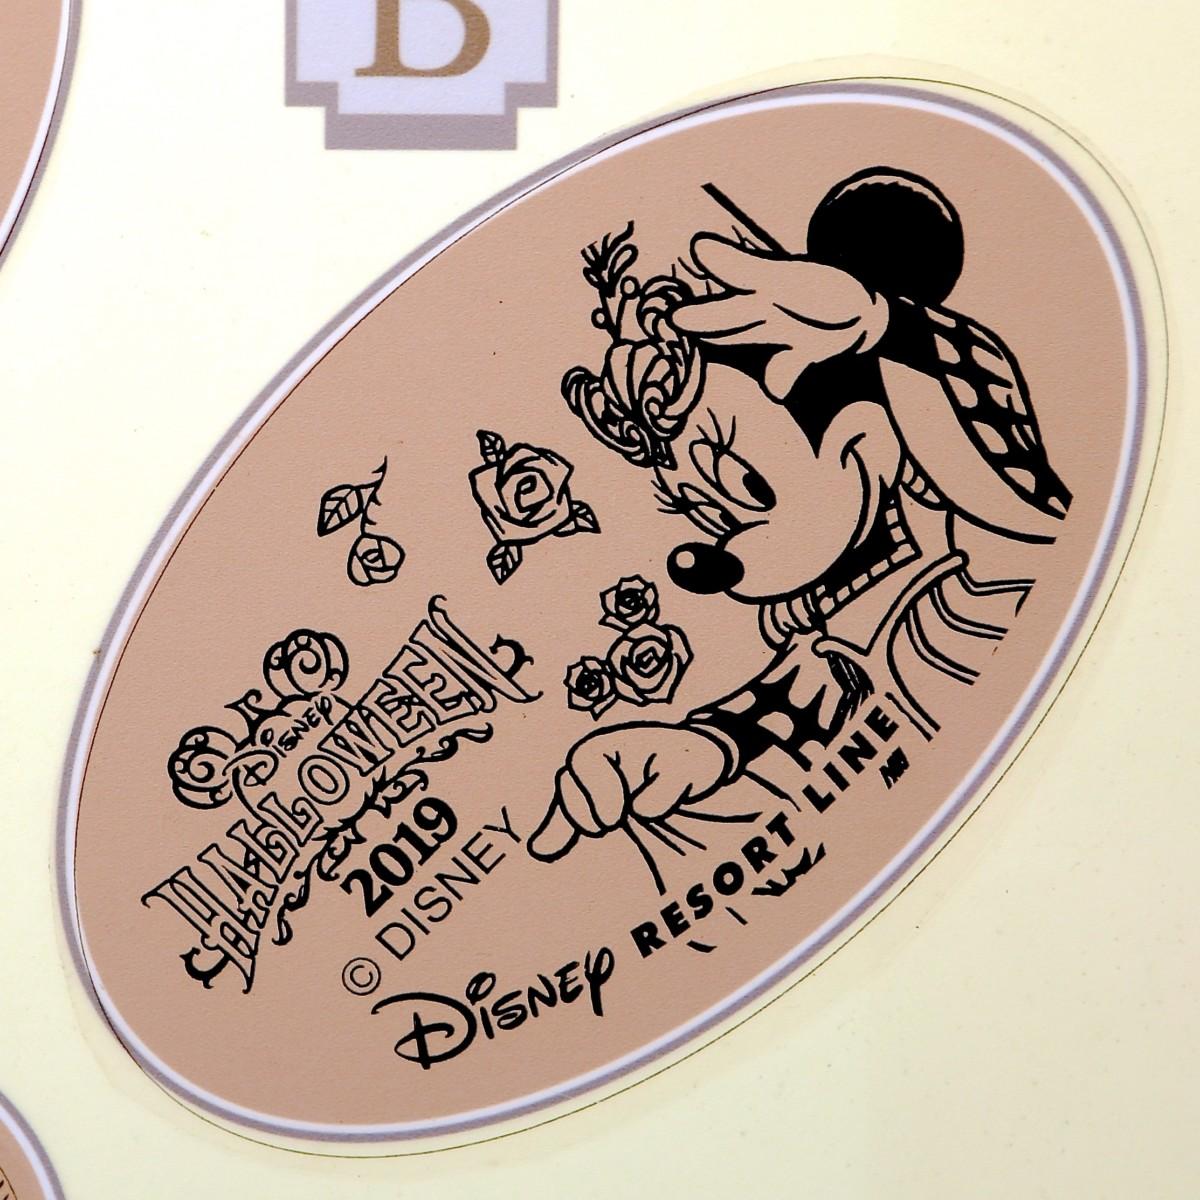 フェスティバル・オブ・ミスティークミニースーベニアメダル